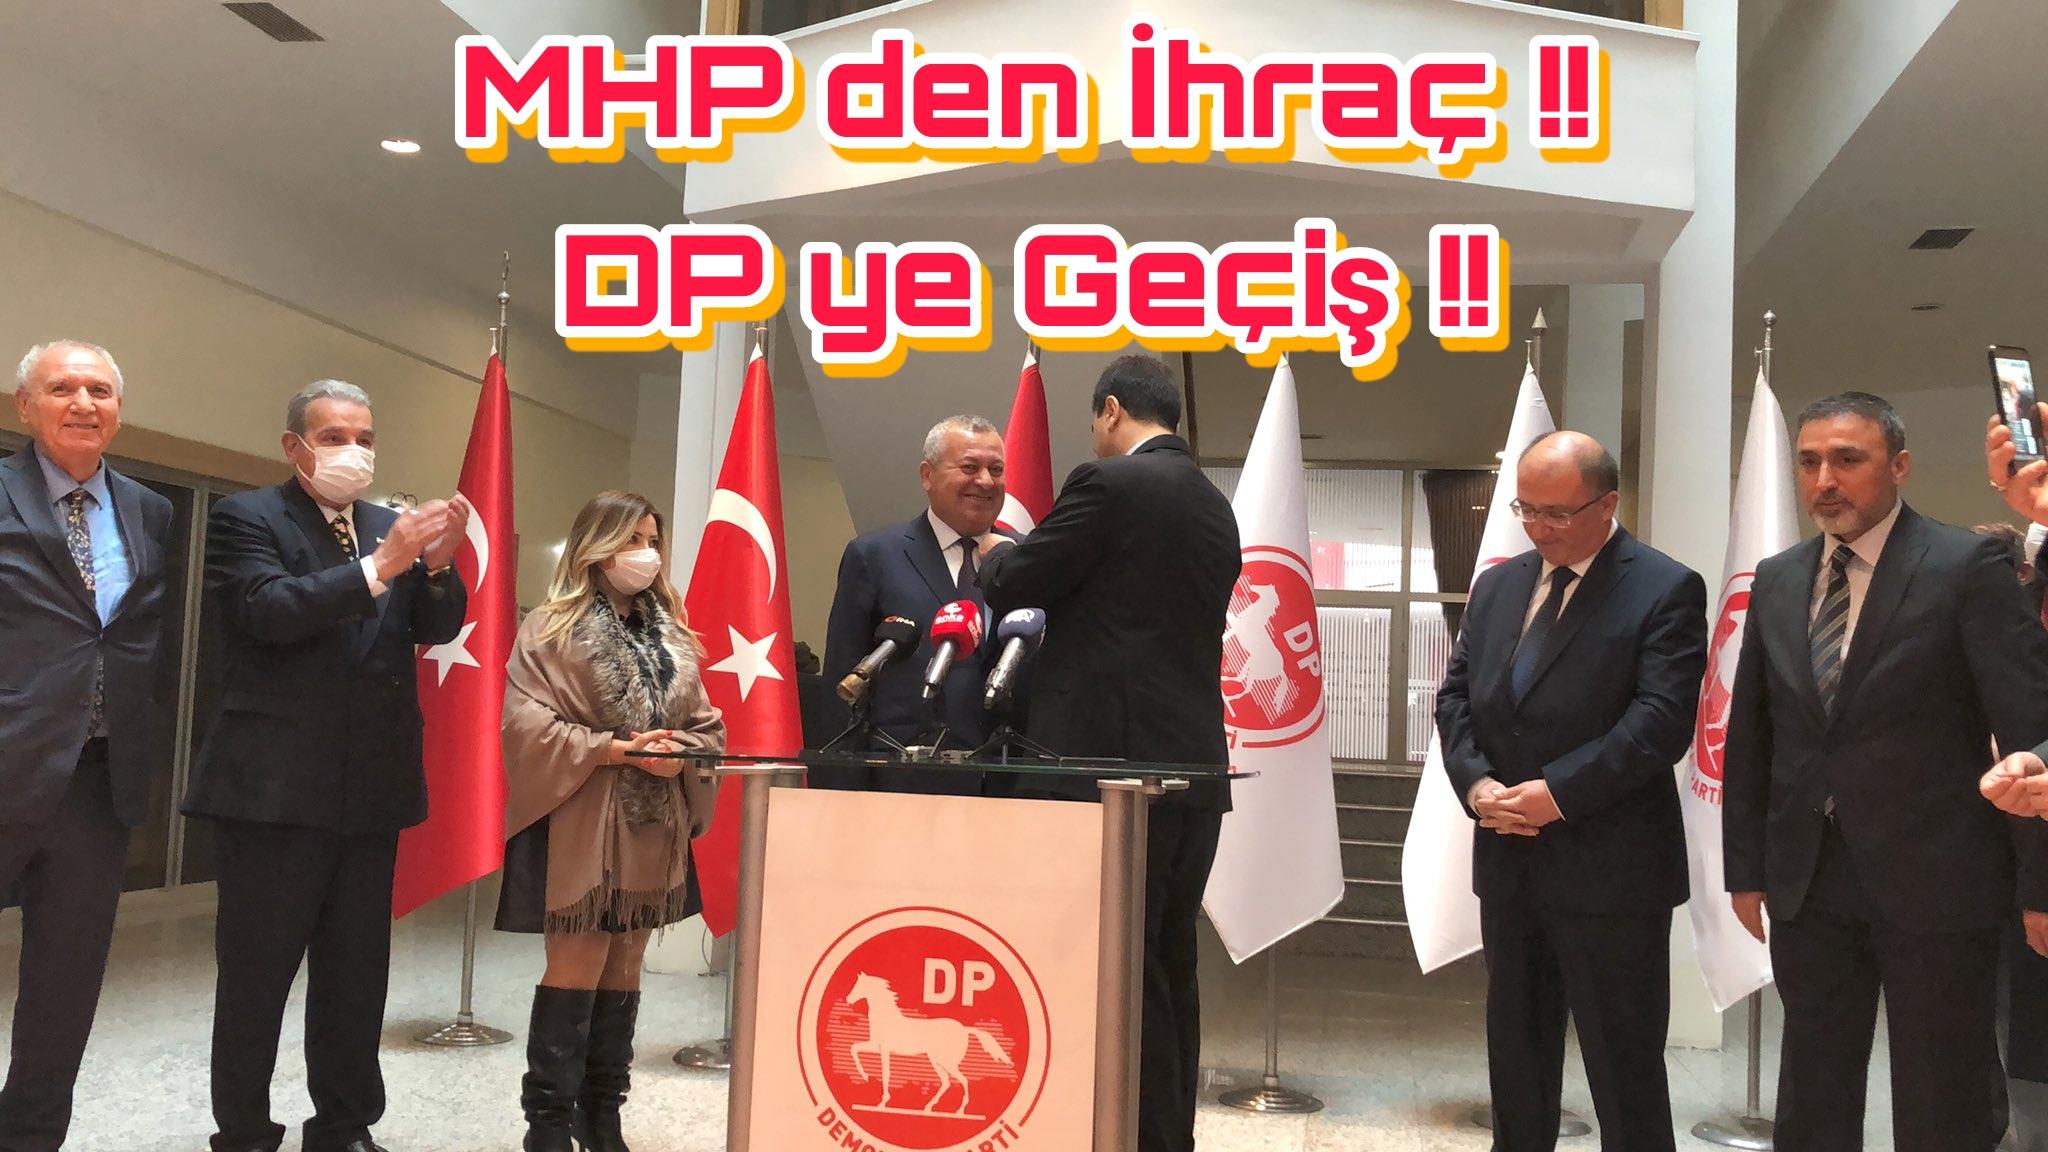 CEMAL ENGİNYURT DEMOKRAT PARTİYE GEÇTİ !!